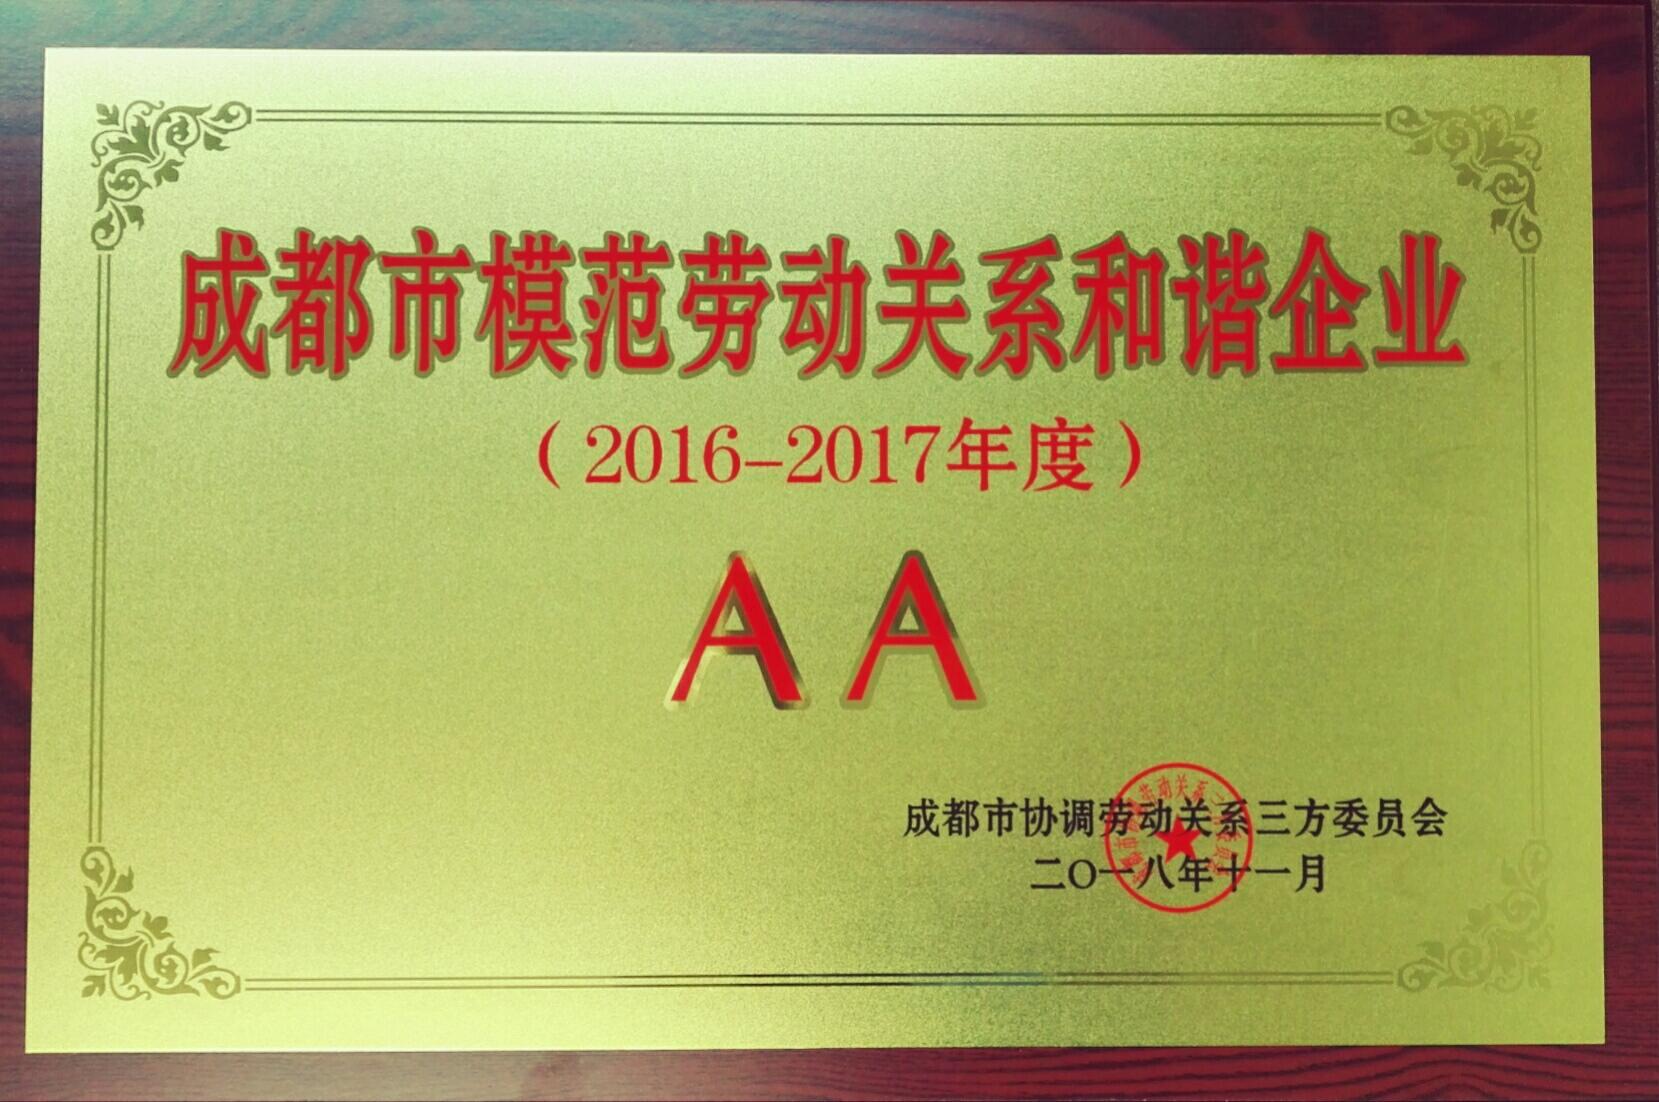 """瑞美获评""""AA级成都市模范劳动关系和谐企业""""荣誉称号"""